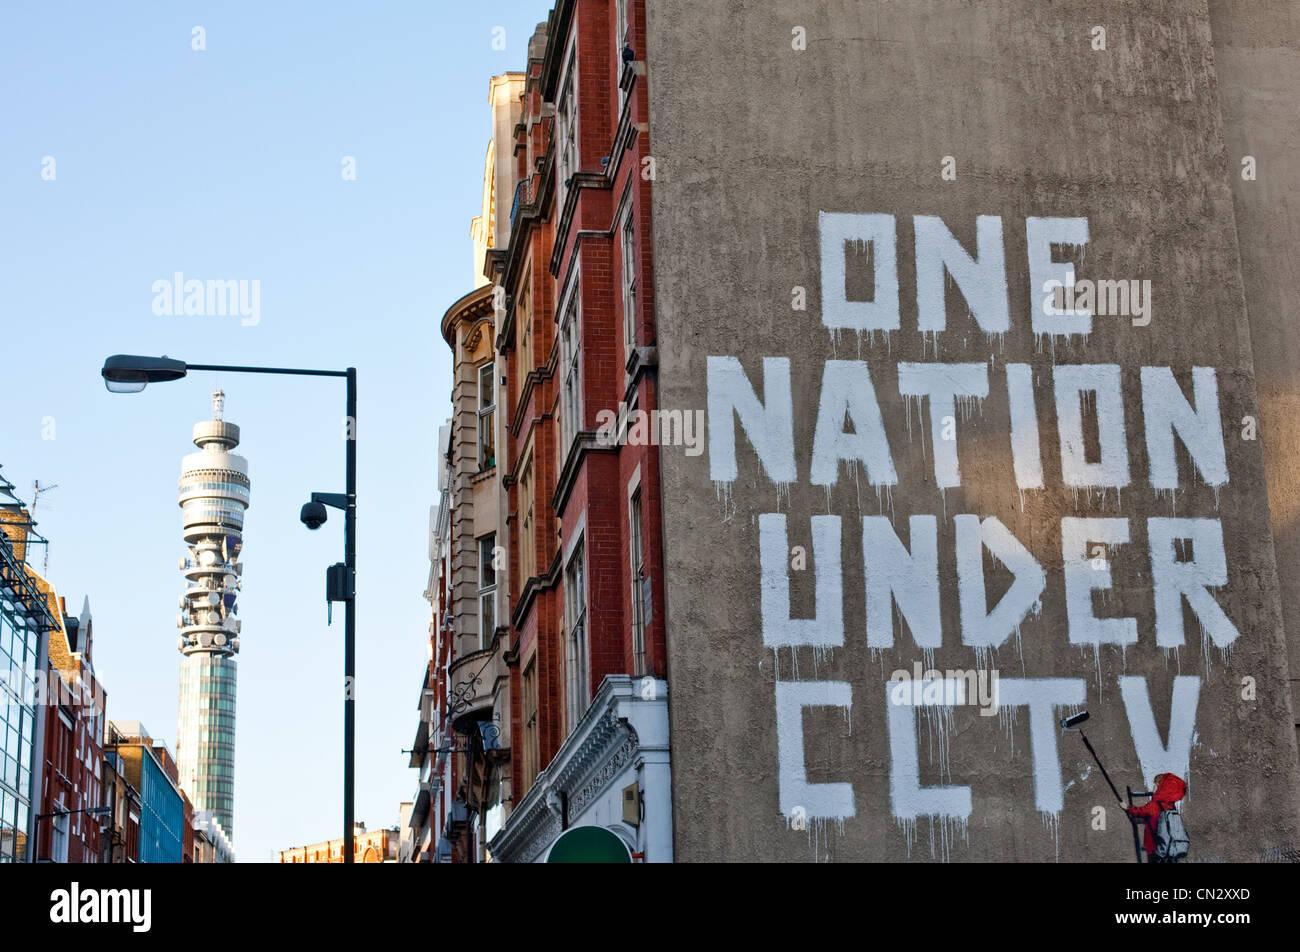 Graffiti sul muro, Londra, Inghilterra Immagini Stock